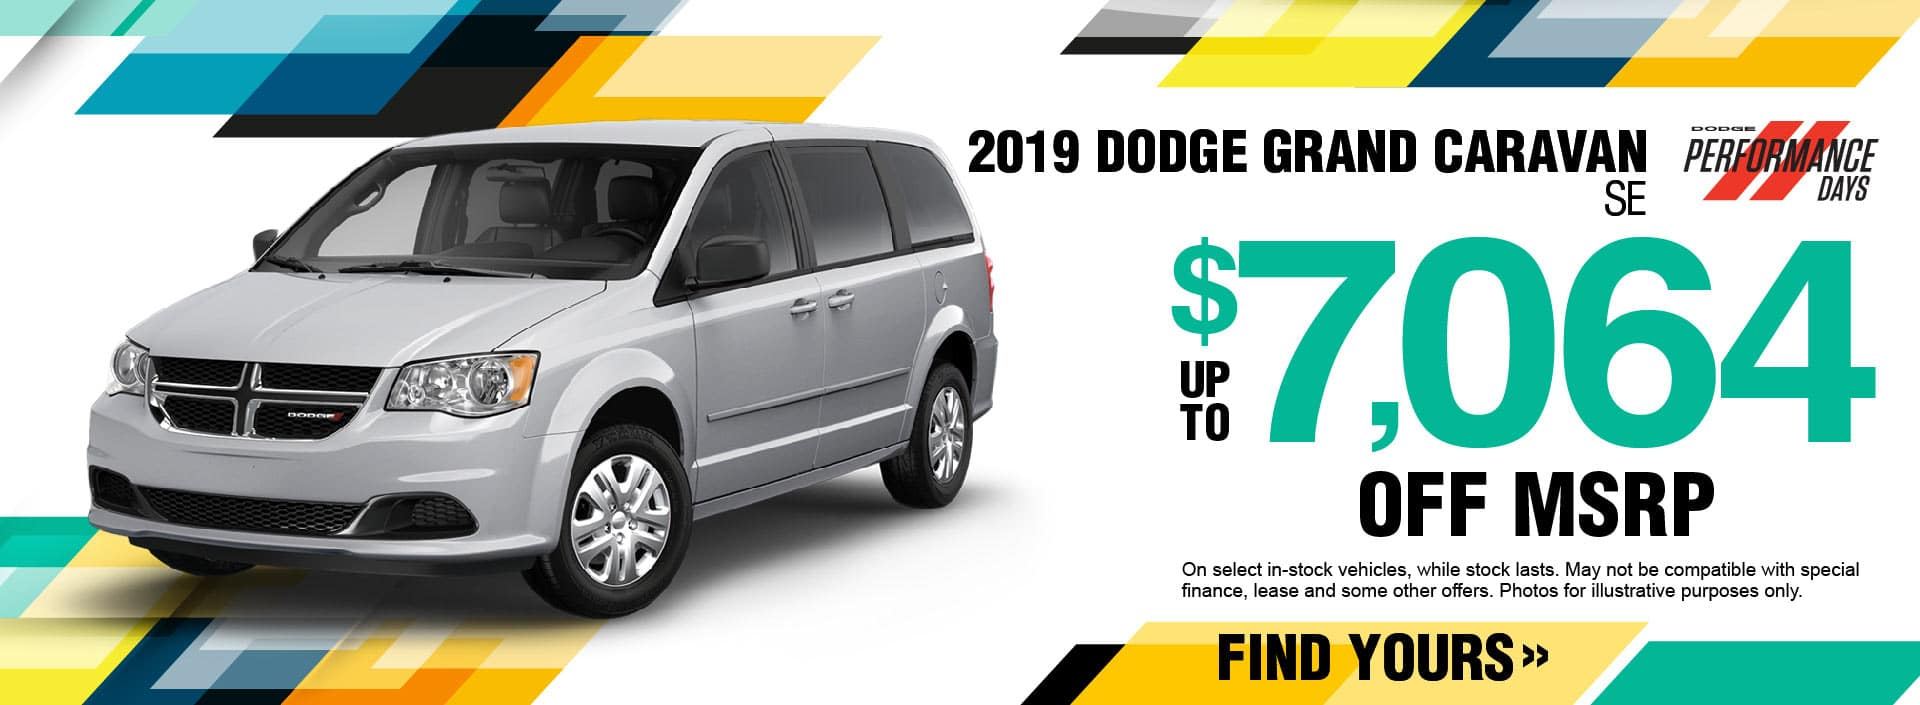 2019 Dodge Grand Caravan Savings